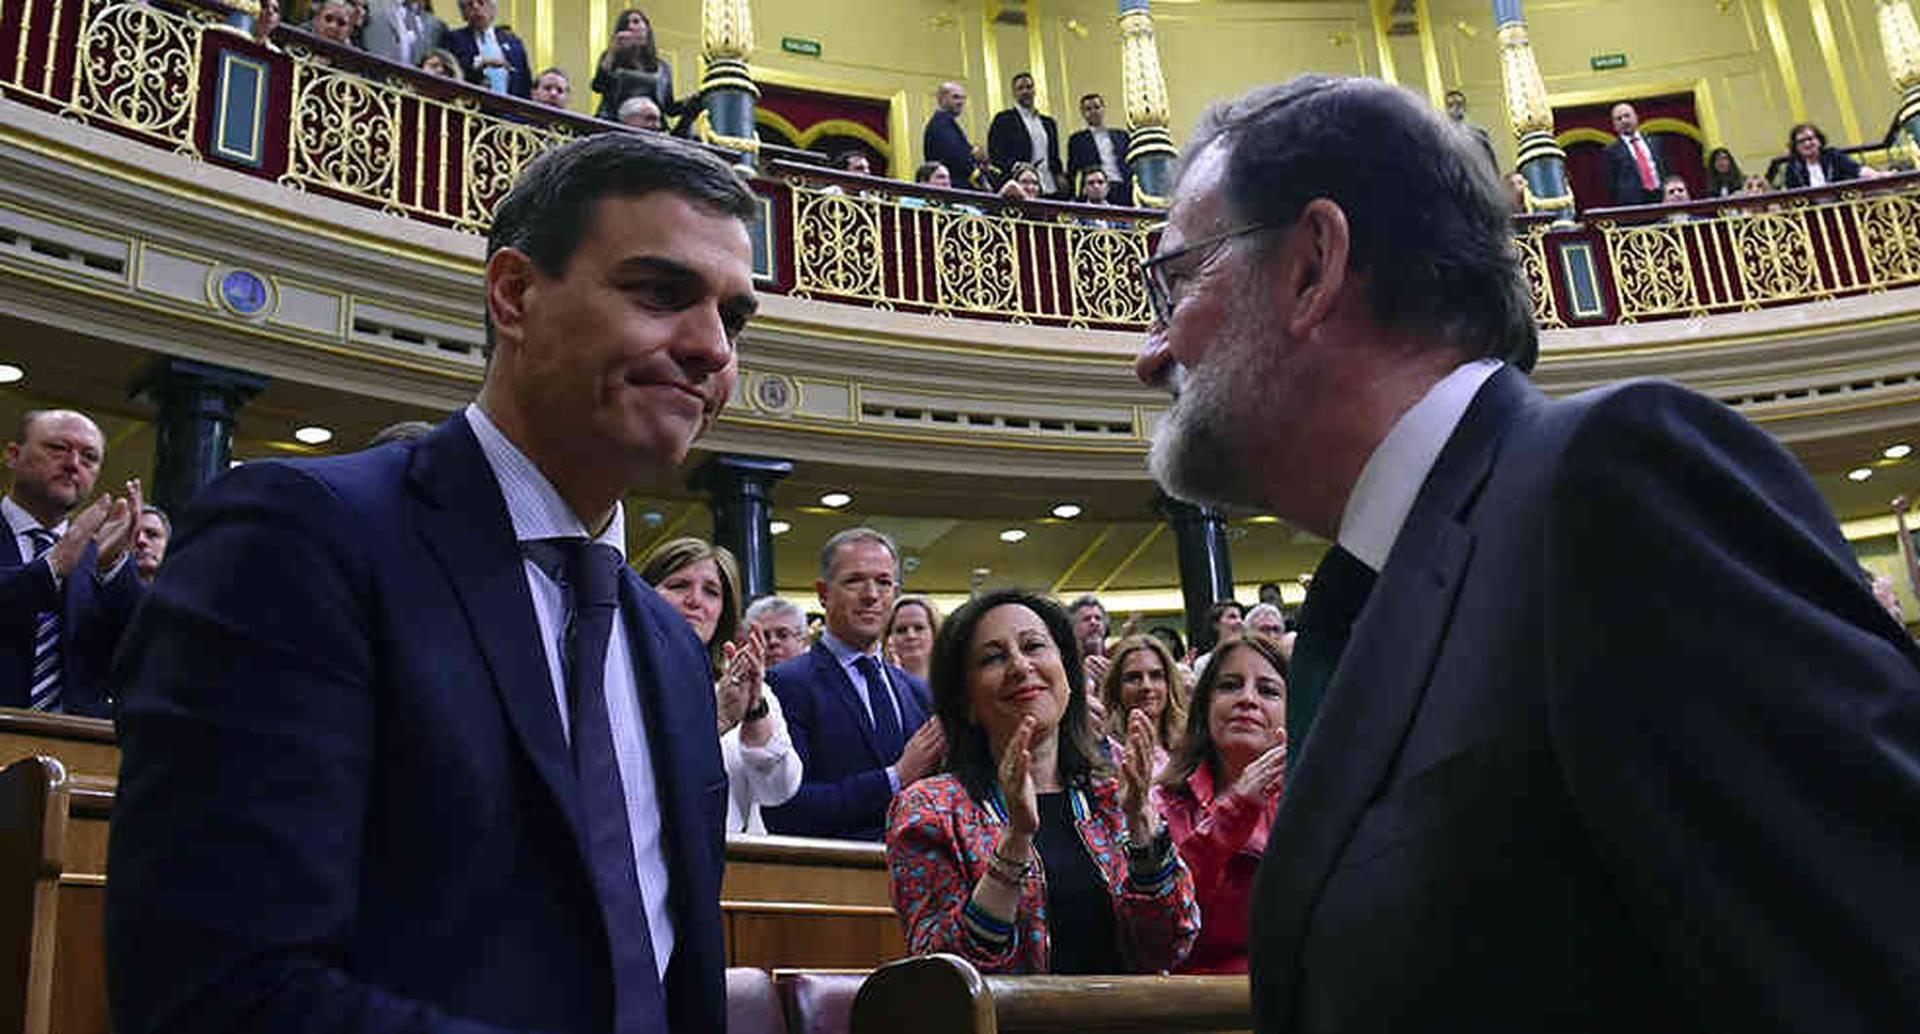 El 2 de junio, después de una moción de censura contra Mariano Rajoy, el líder del PSOE, Pedro Sánchez, asumió como nuevo presidente del gobierno español.